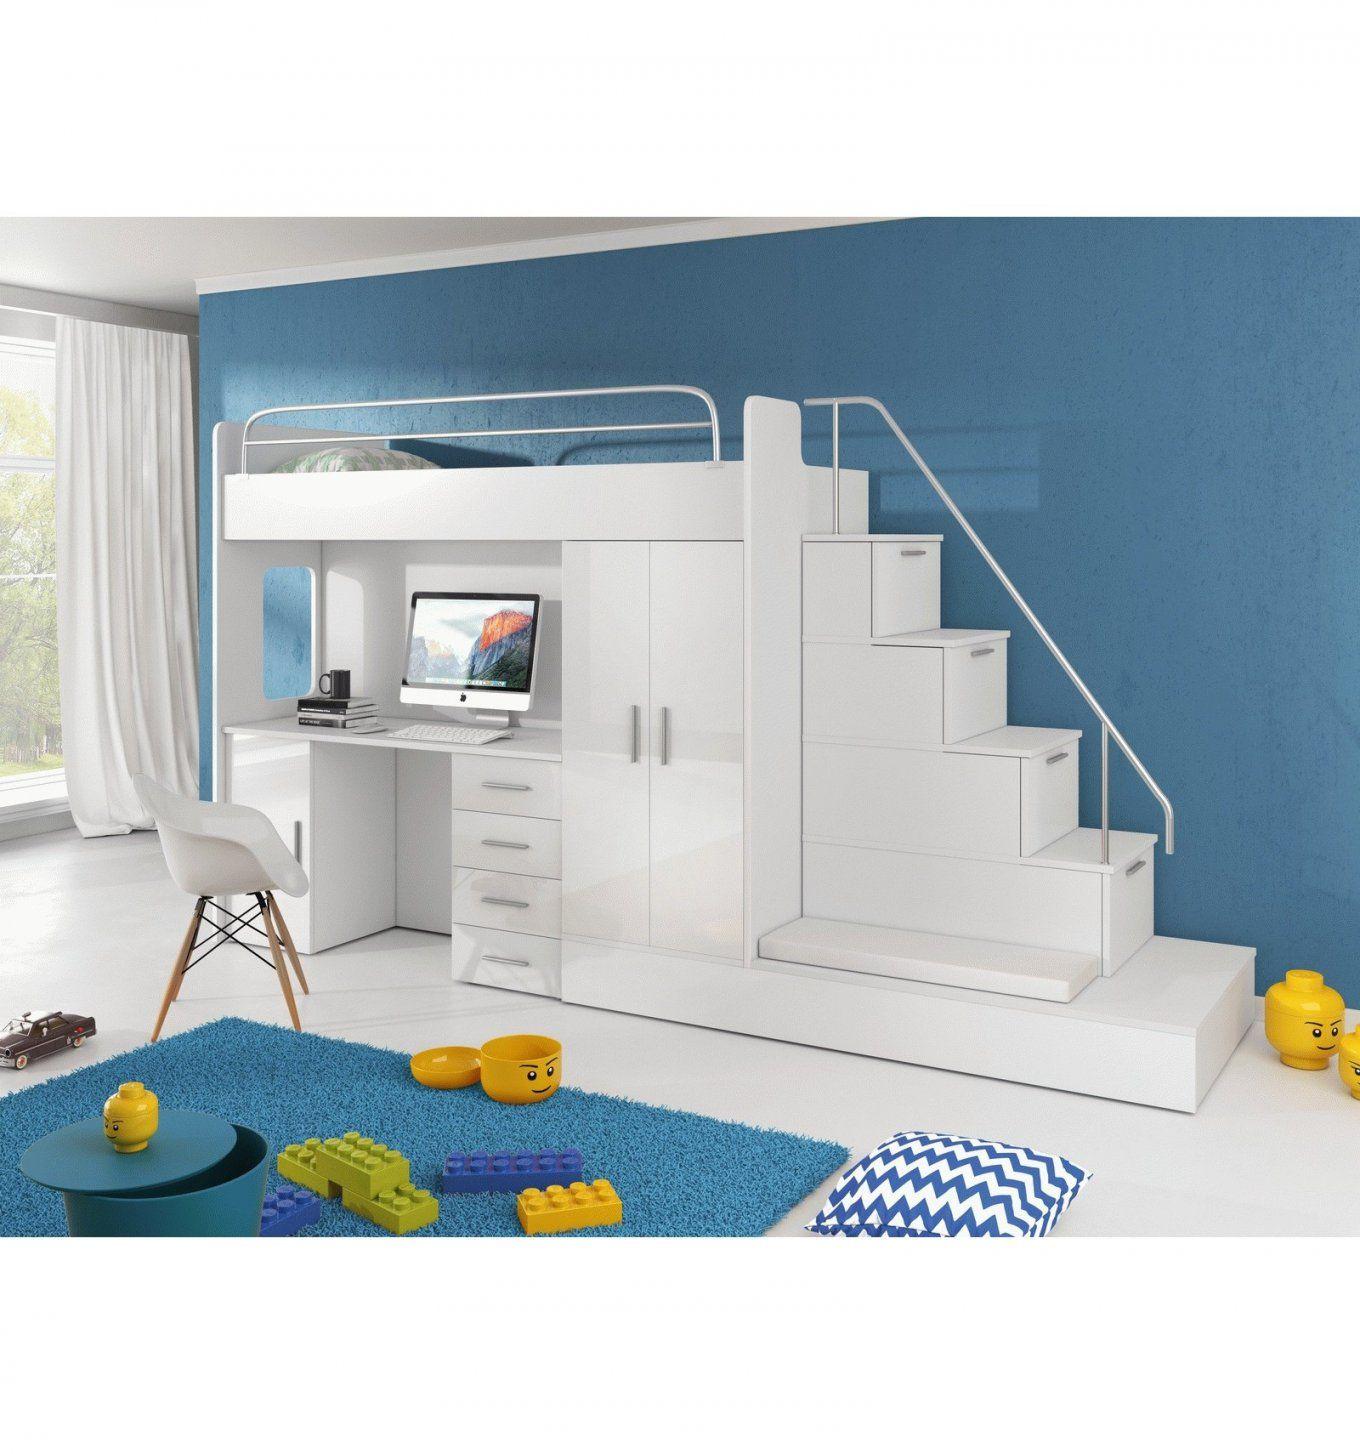 Kinder Hochbett Sun Mit Schreibtisch Kleiderschrank Treppe  Furnistad von Hochbett Mit Treppe Und Schreibtisch Photo